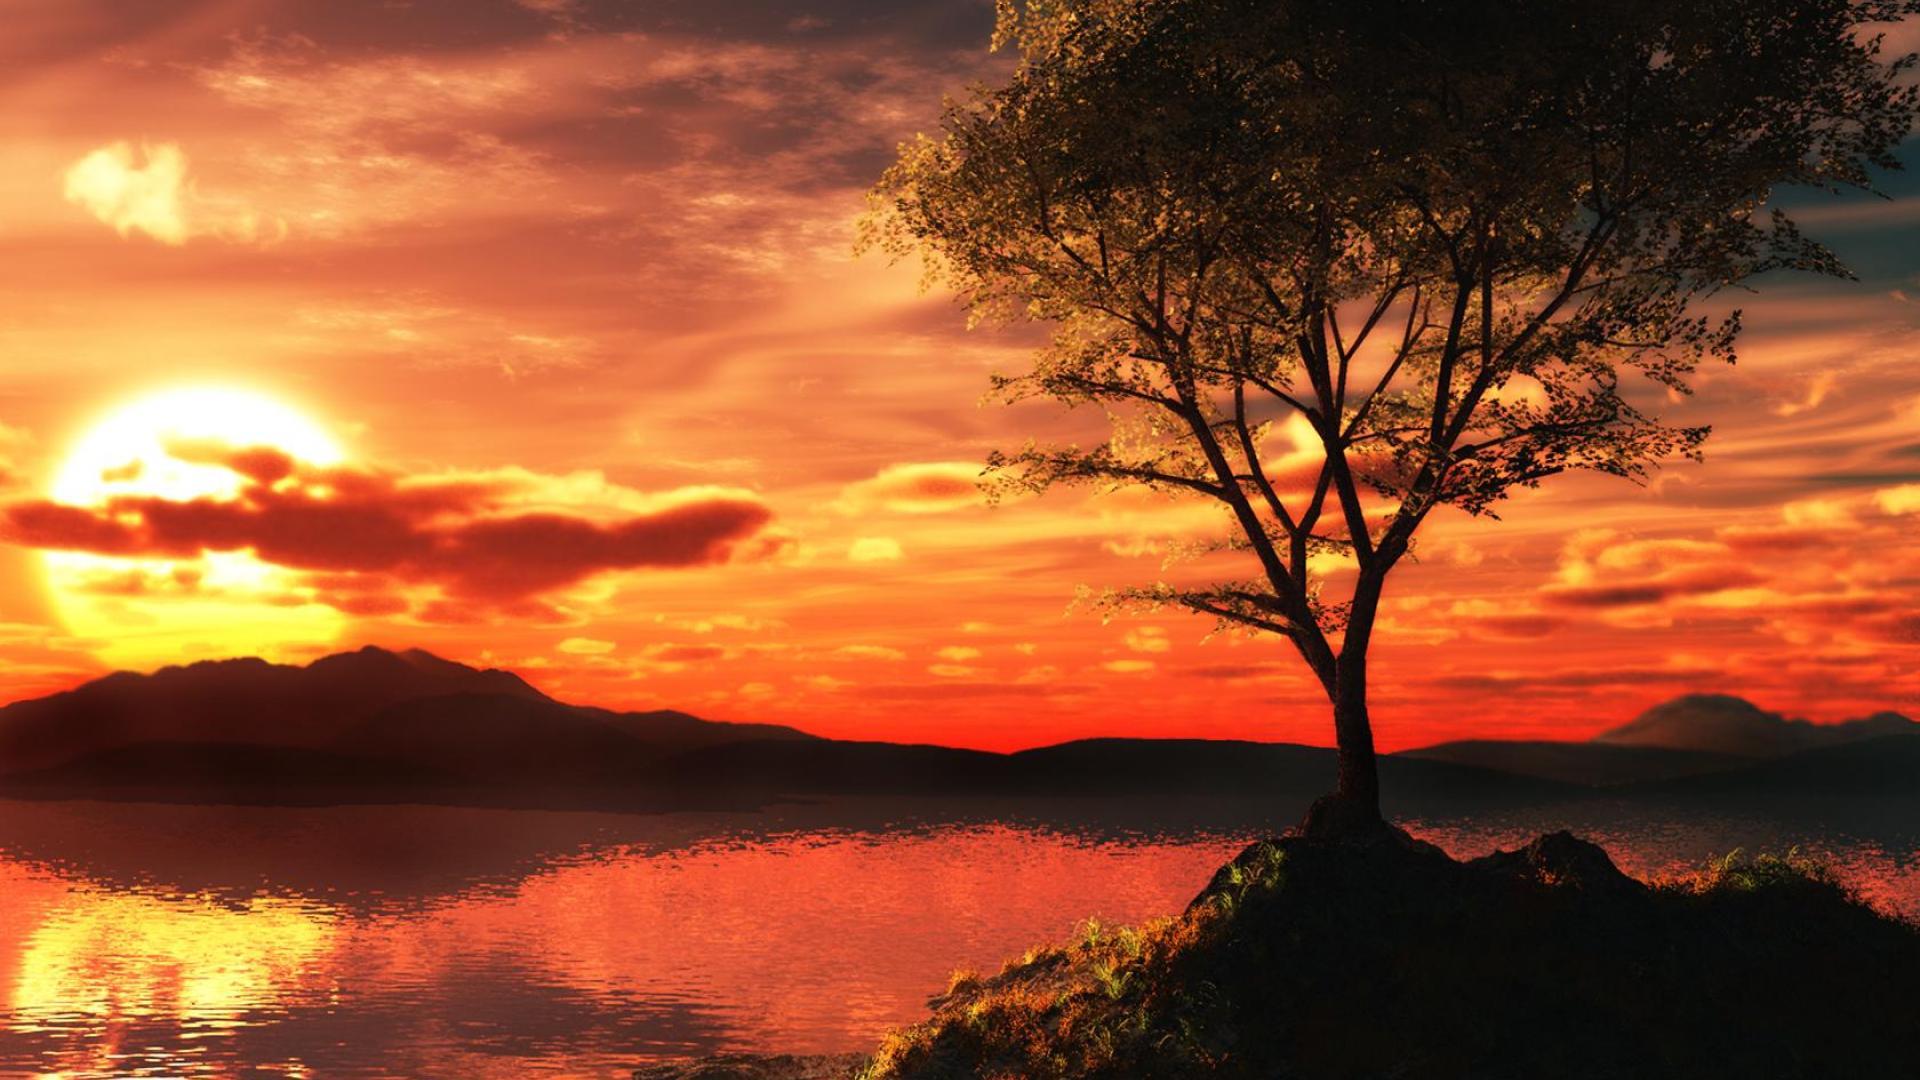 4k Ultra Hd Backgrounds 3d Sunset Dietfried Angerstein